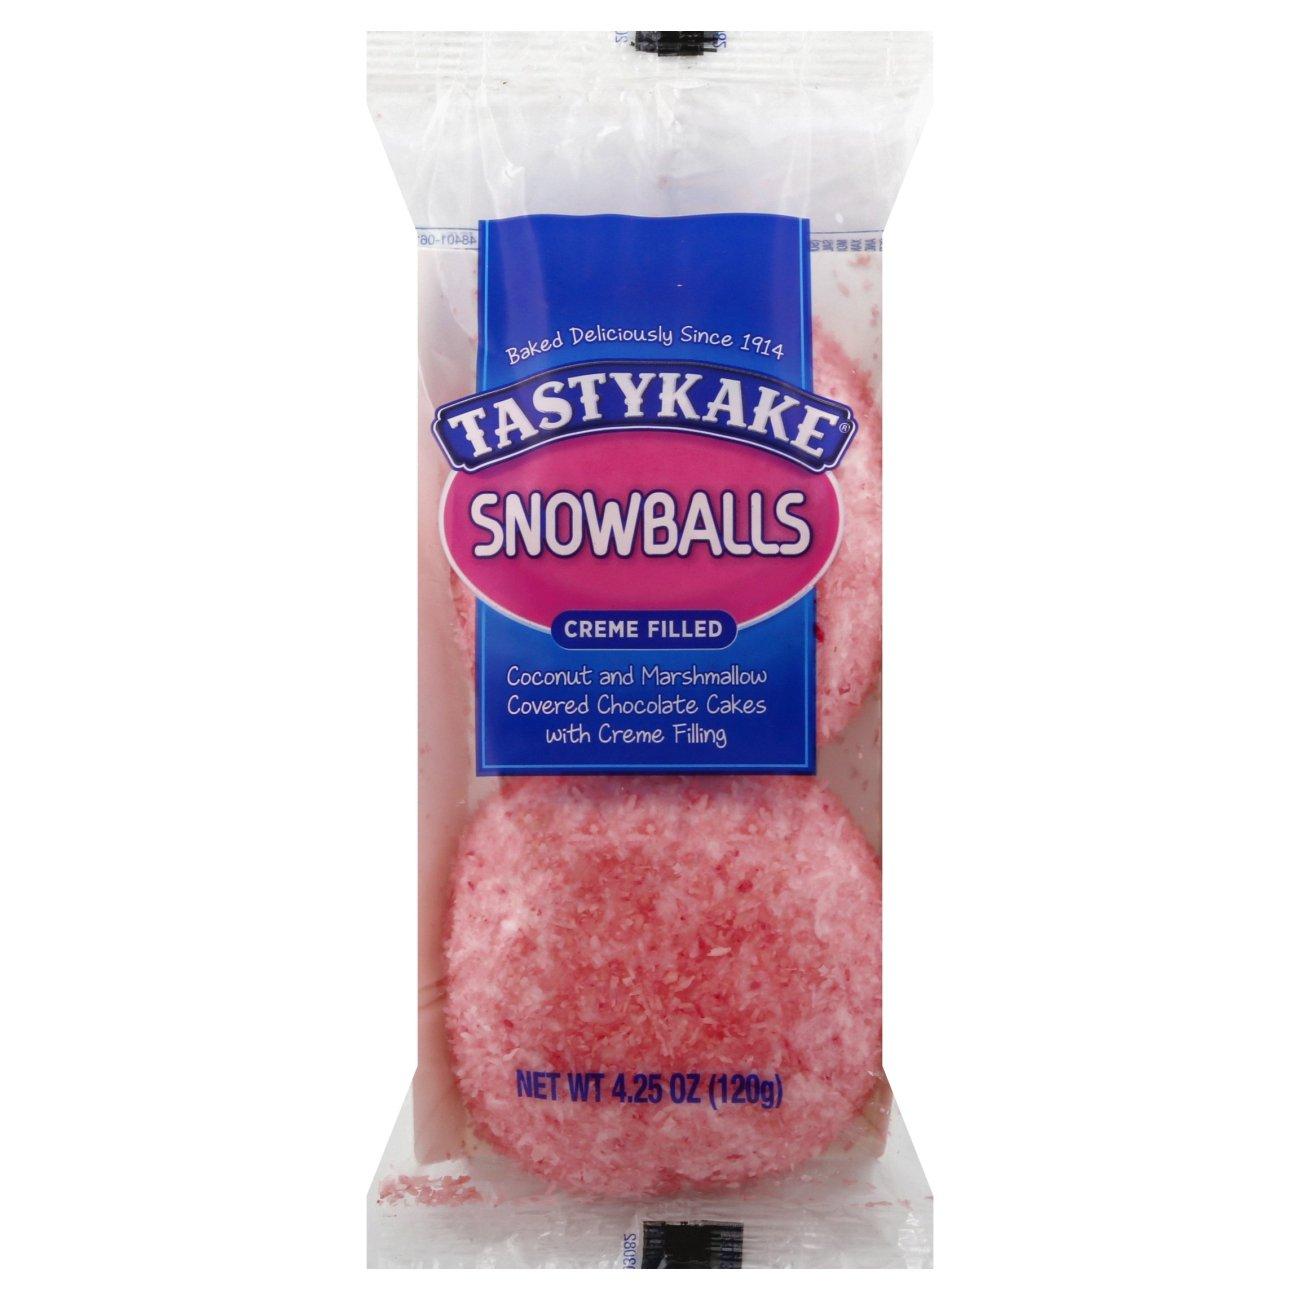 Tastykake Creme Filled Snowballs - Shop Snack Cakes at H-E-B